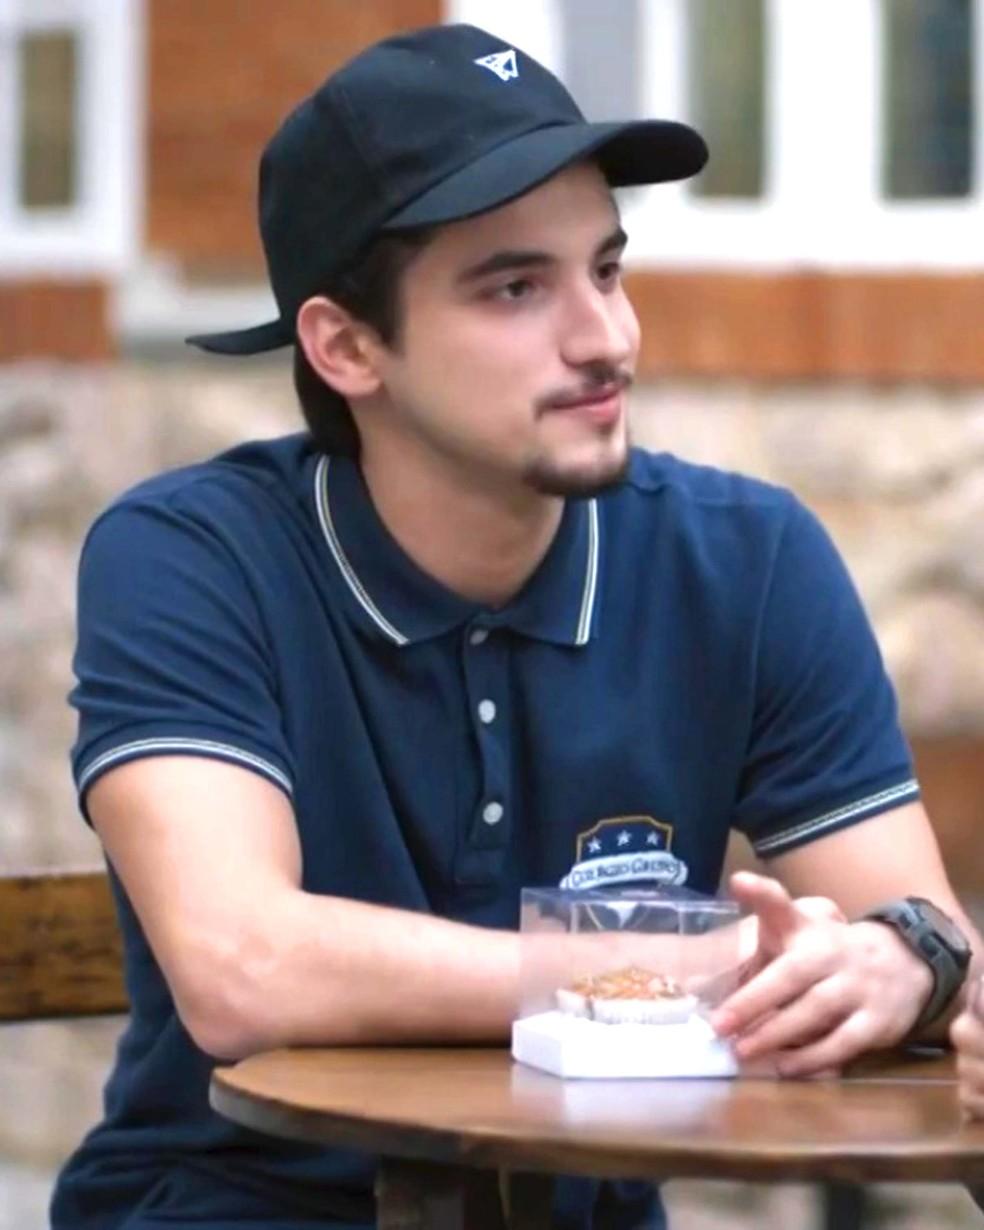 Felipe (Gabriel Calamari) convida Lica (Manoela Aliperti) para sair — Foto: Globo